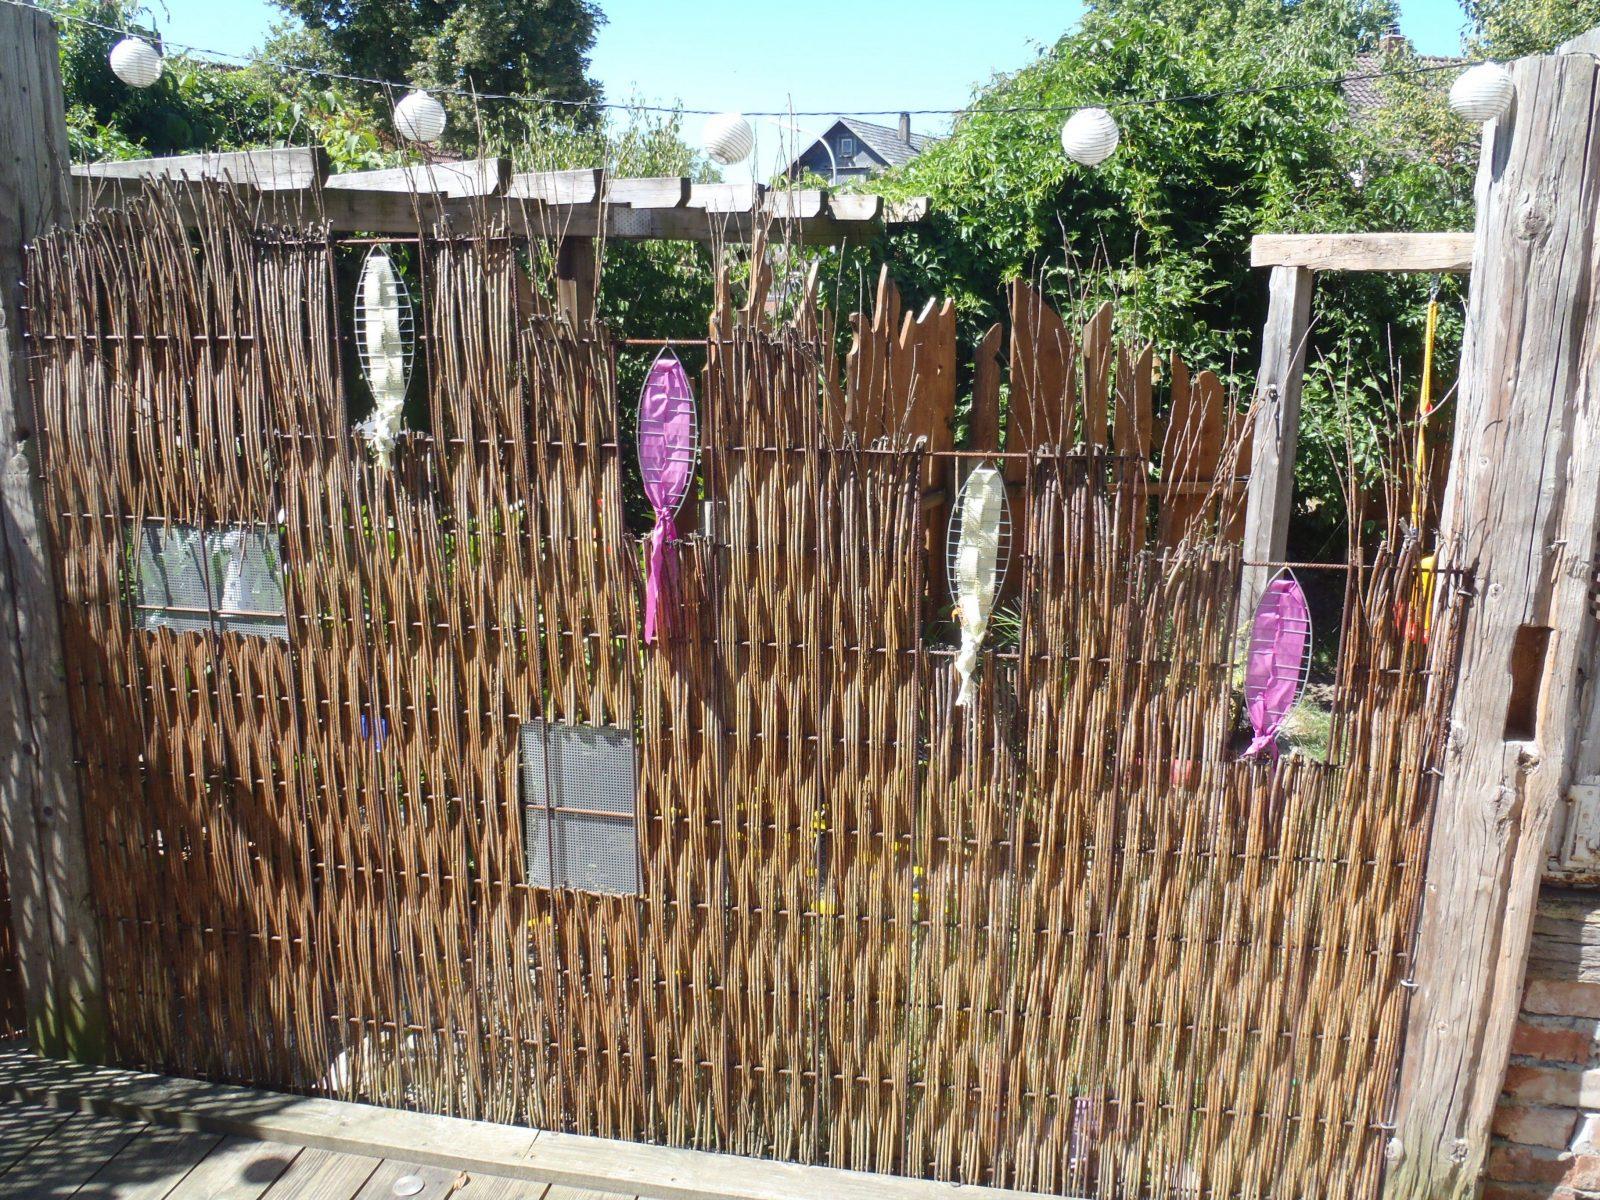 Sichtschutz Aus Baustahlmatte Und Weide  Mein Garten  Pinterest von Sichtschutz Weide Selber Bauen Bild